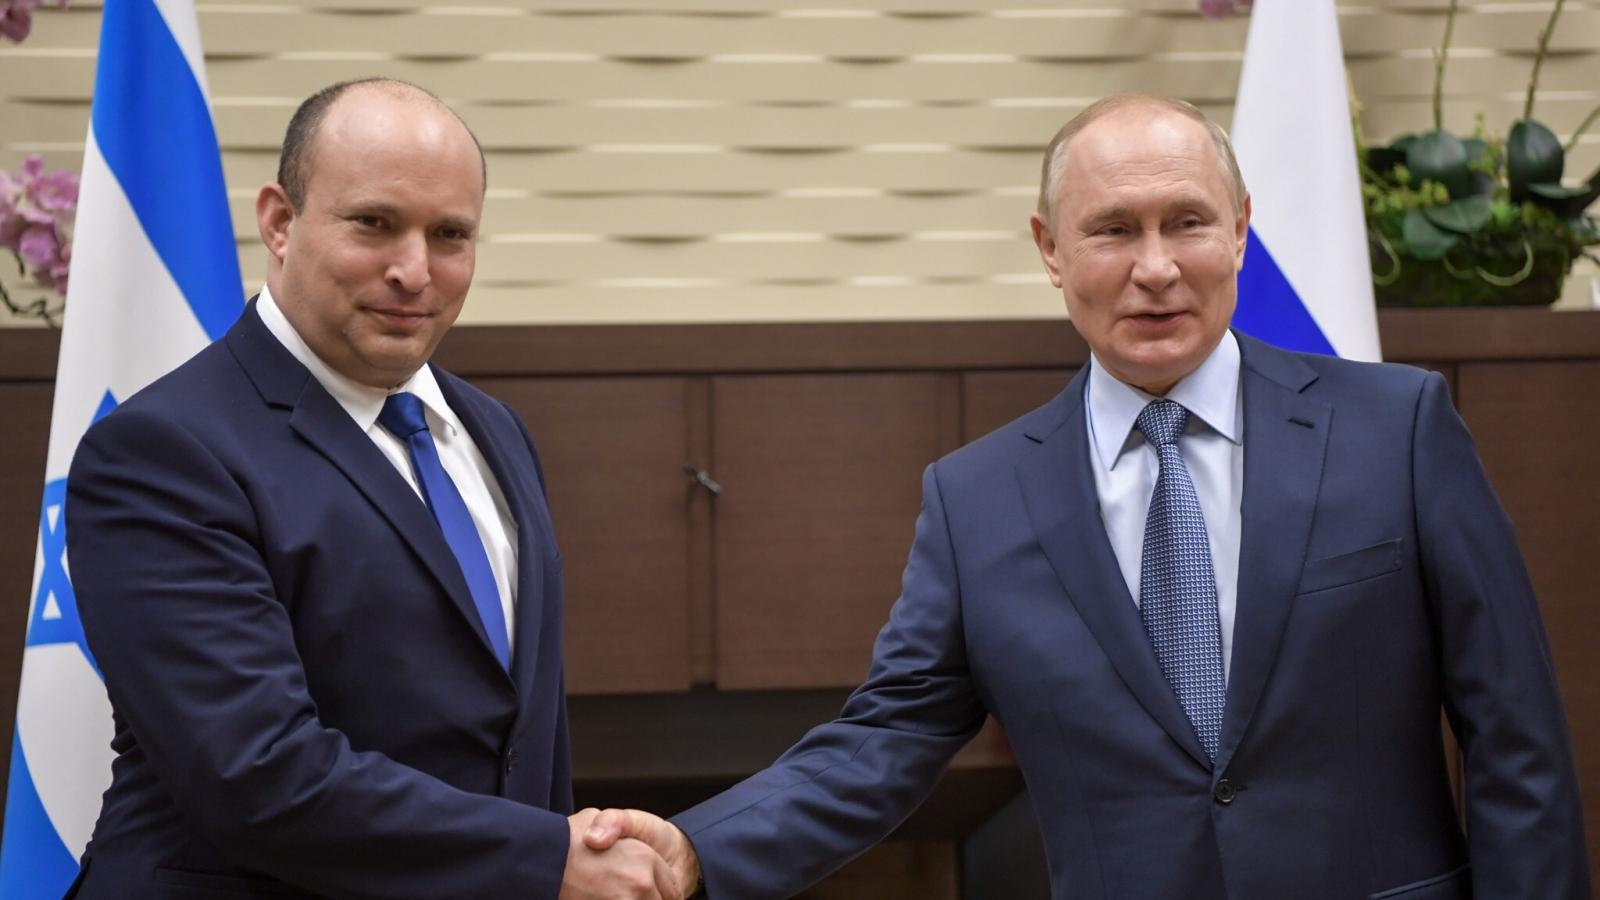 Cuộc gặp 5 giờ đồng hồ giữa Tổng thống Nga và Thủ tướng Israel